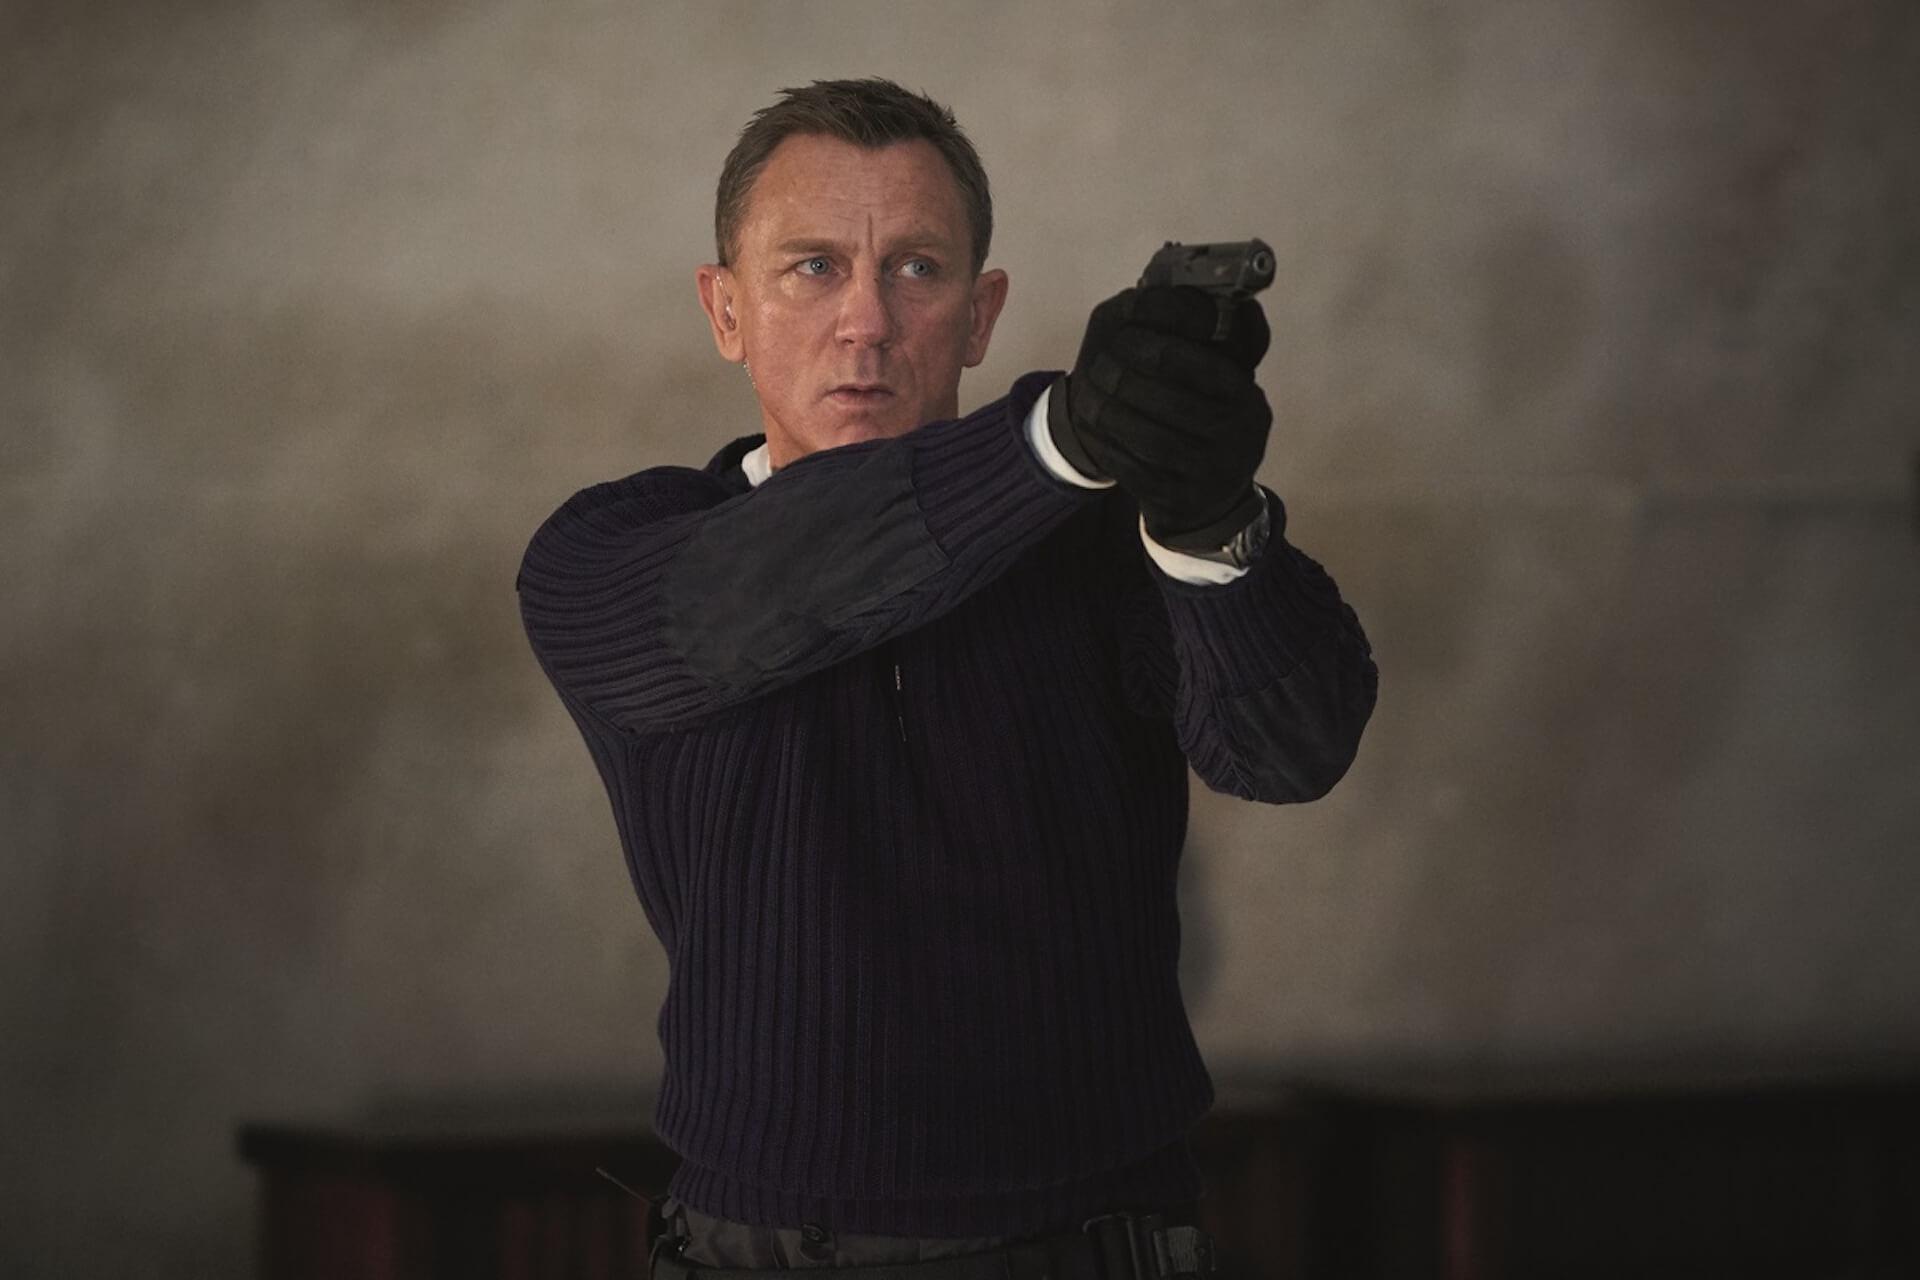 ついに最終章が幕を開ける|『007/ノー・タイム・トゥ・ダイ』2020年4月公開決定&予告編も解禁 film191205_007_notimetodie_1